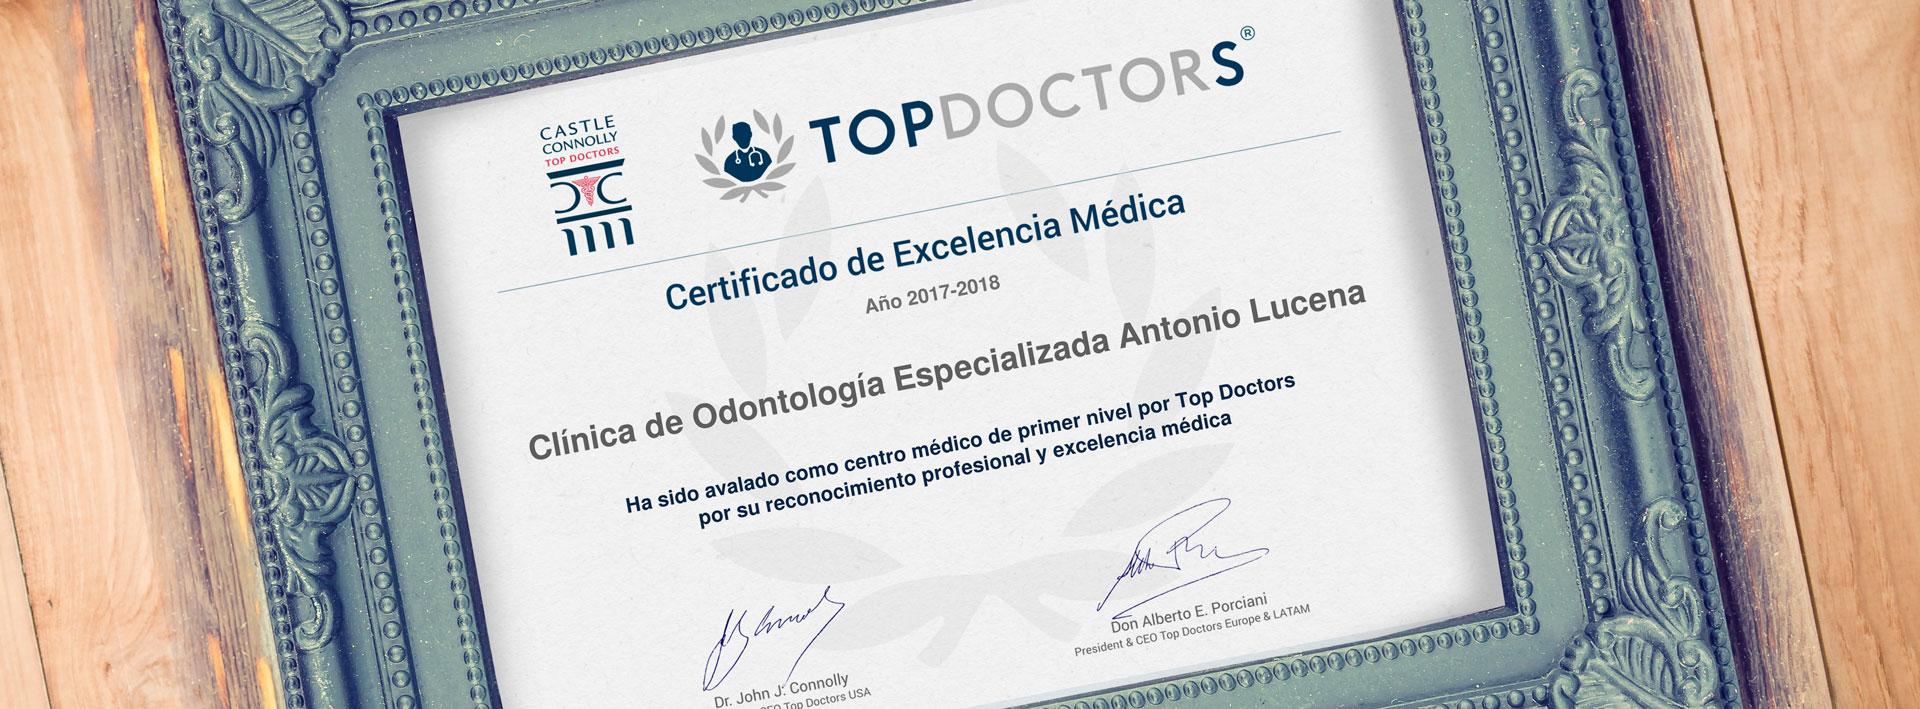 Certificado Topdoctors